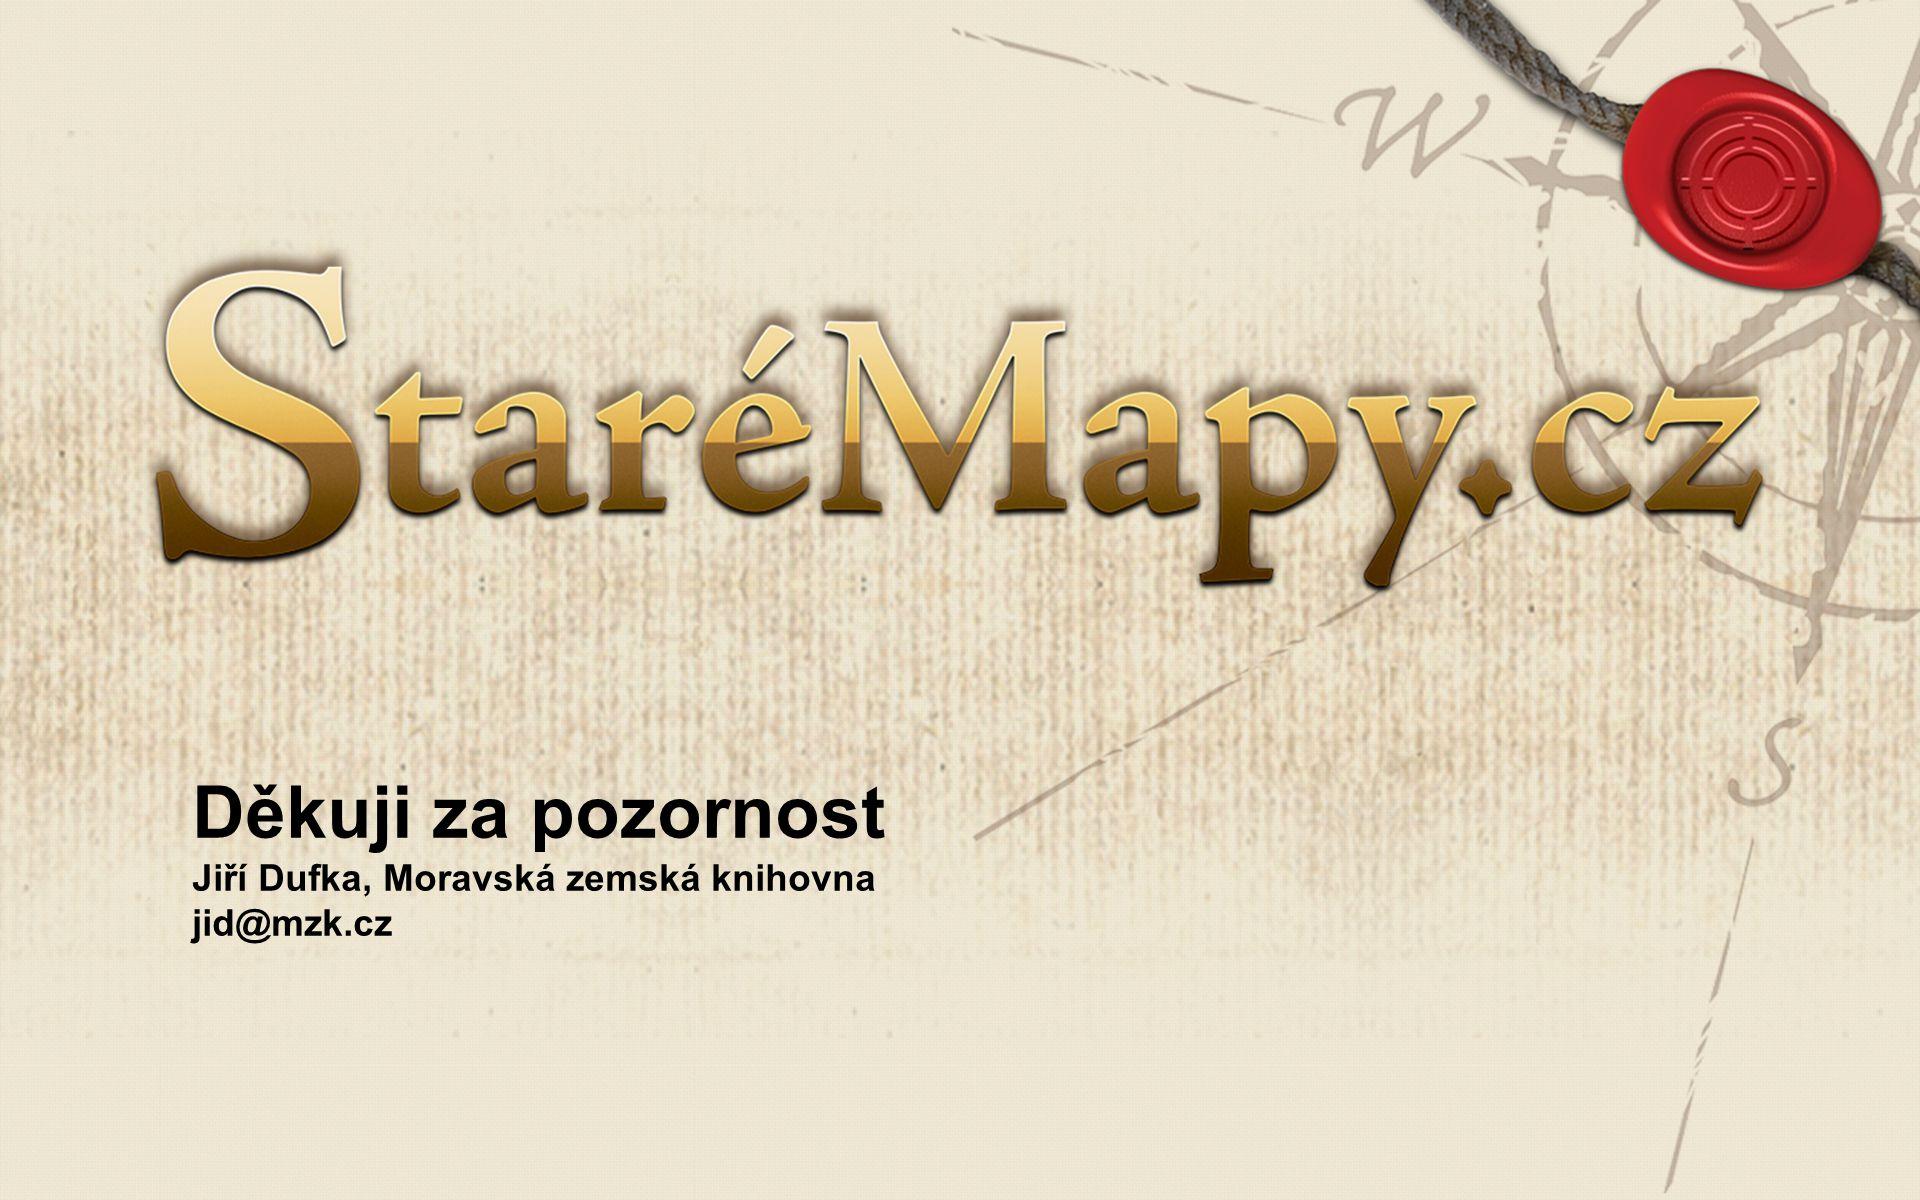 Děkuji za pozornost Jiří Dufka, Moravská zemská knihovna jid@mzk.cz